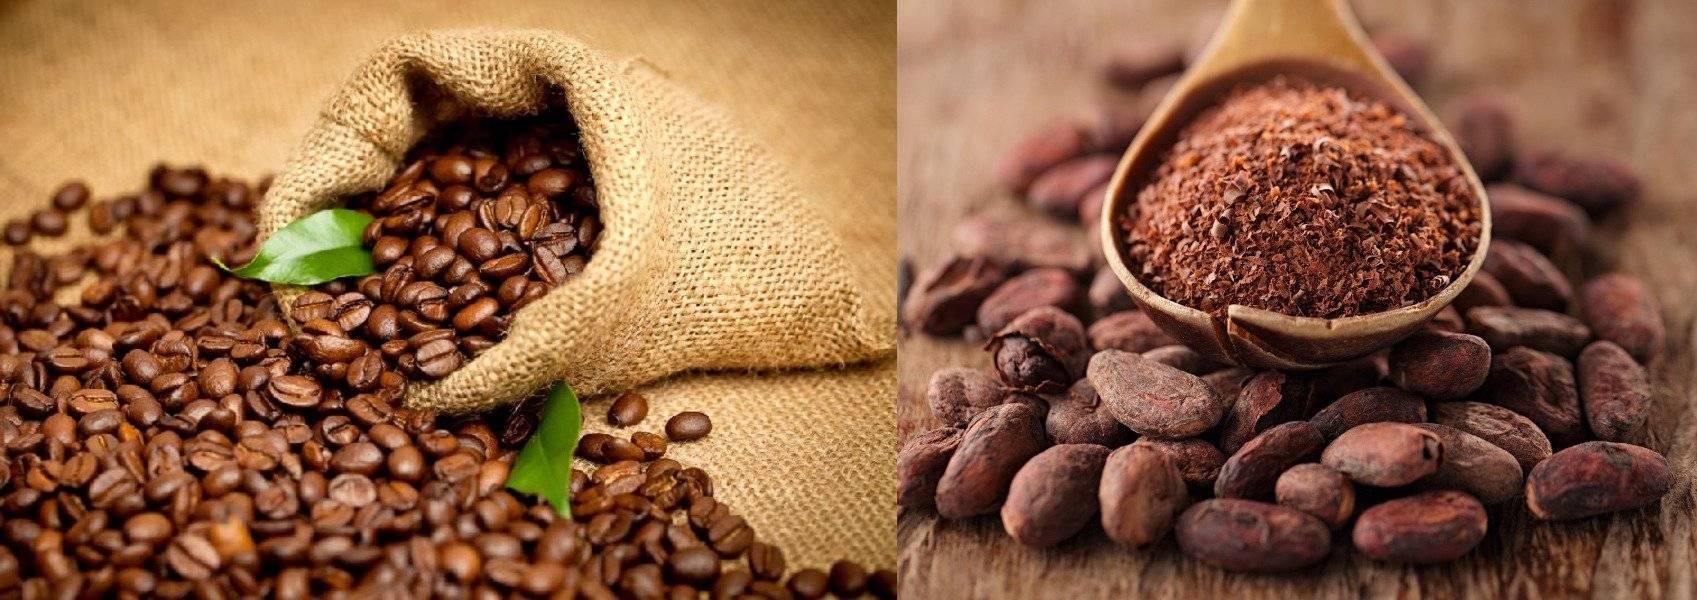 Что полезнее какао или кофе? - секреты кофе и счастье какао